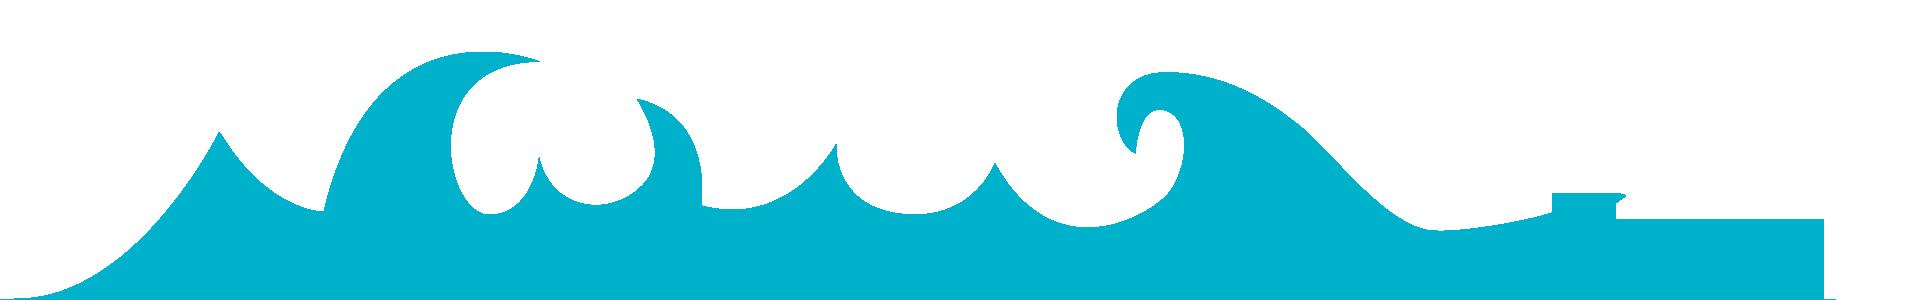 Silhouettes de vagues bleutées